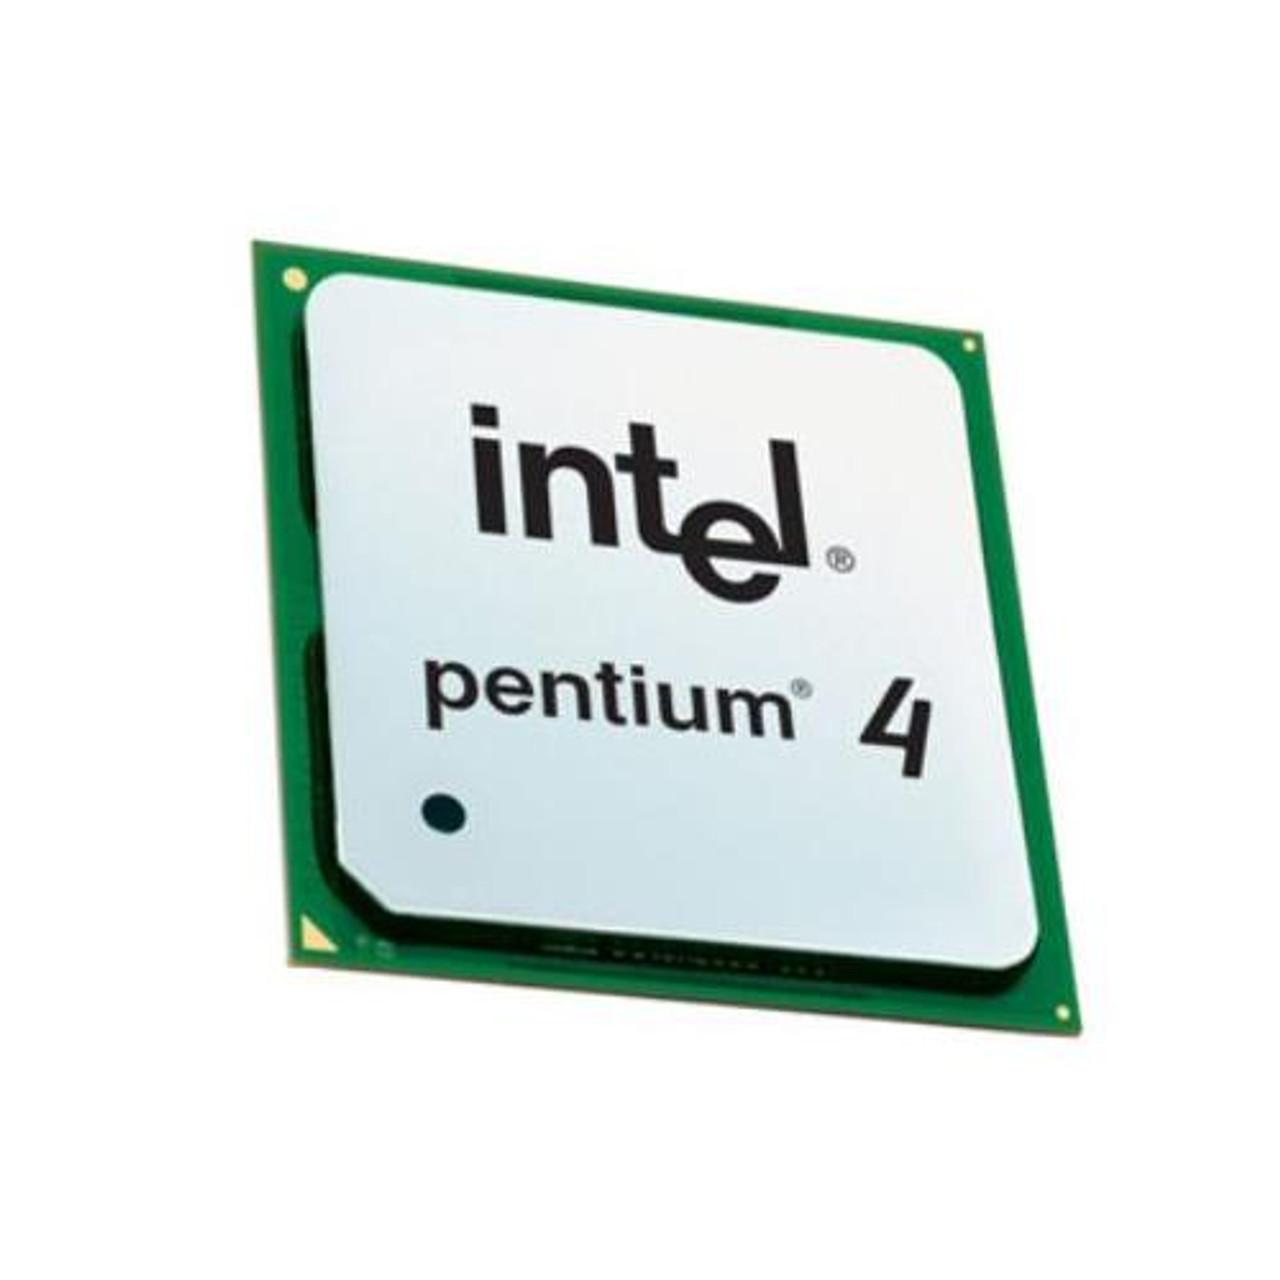 Intel Pentium 4 Desktop CPU Processor SL6PE